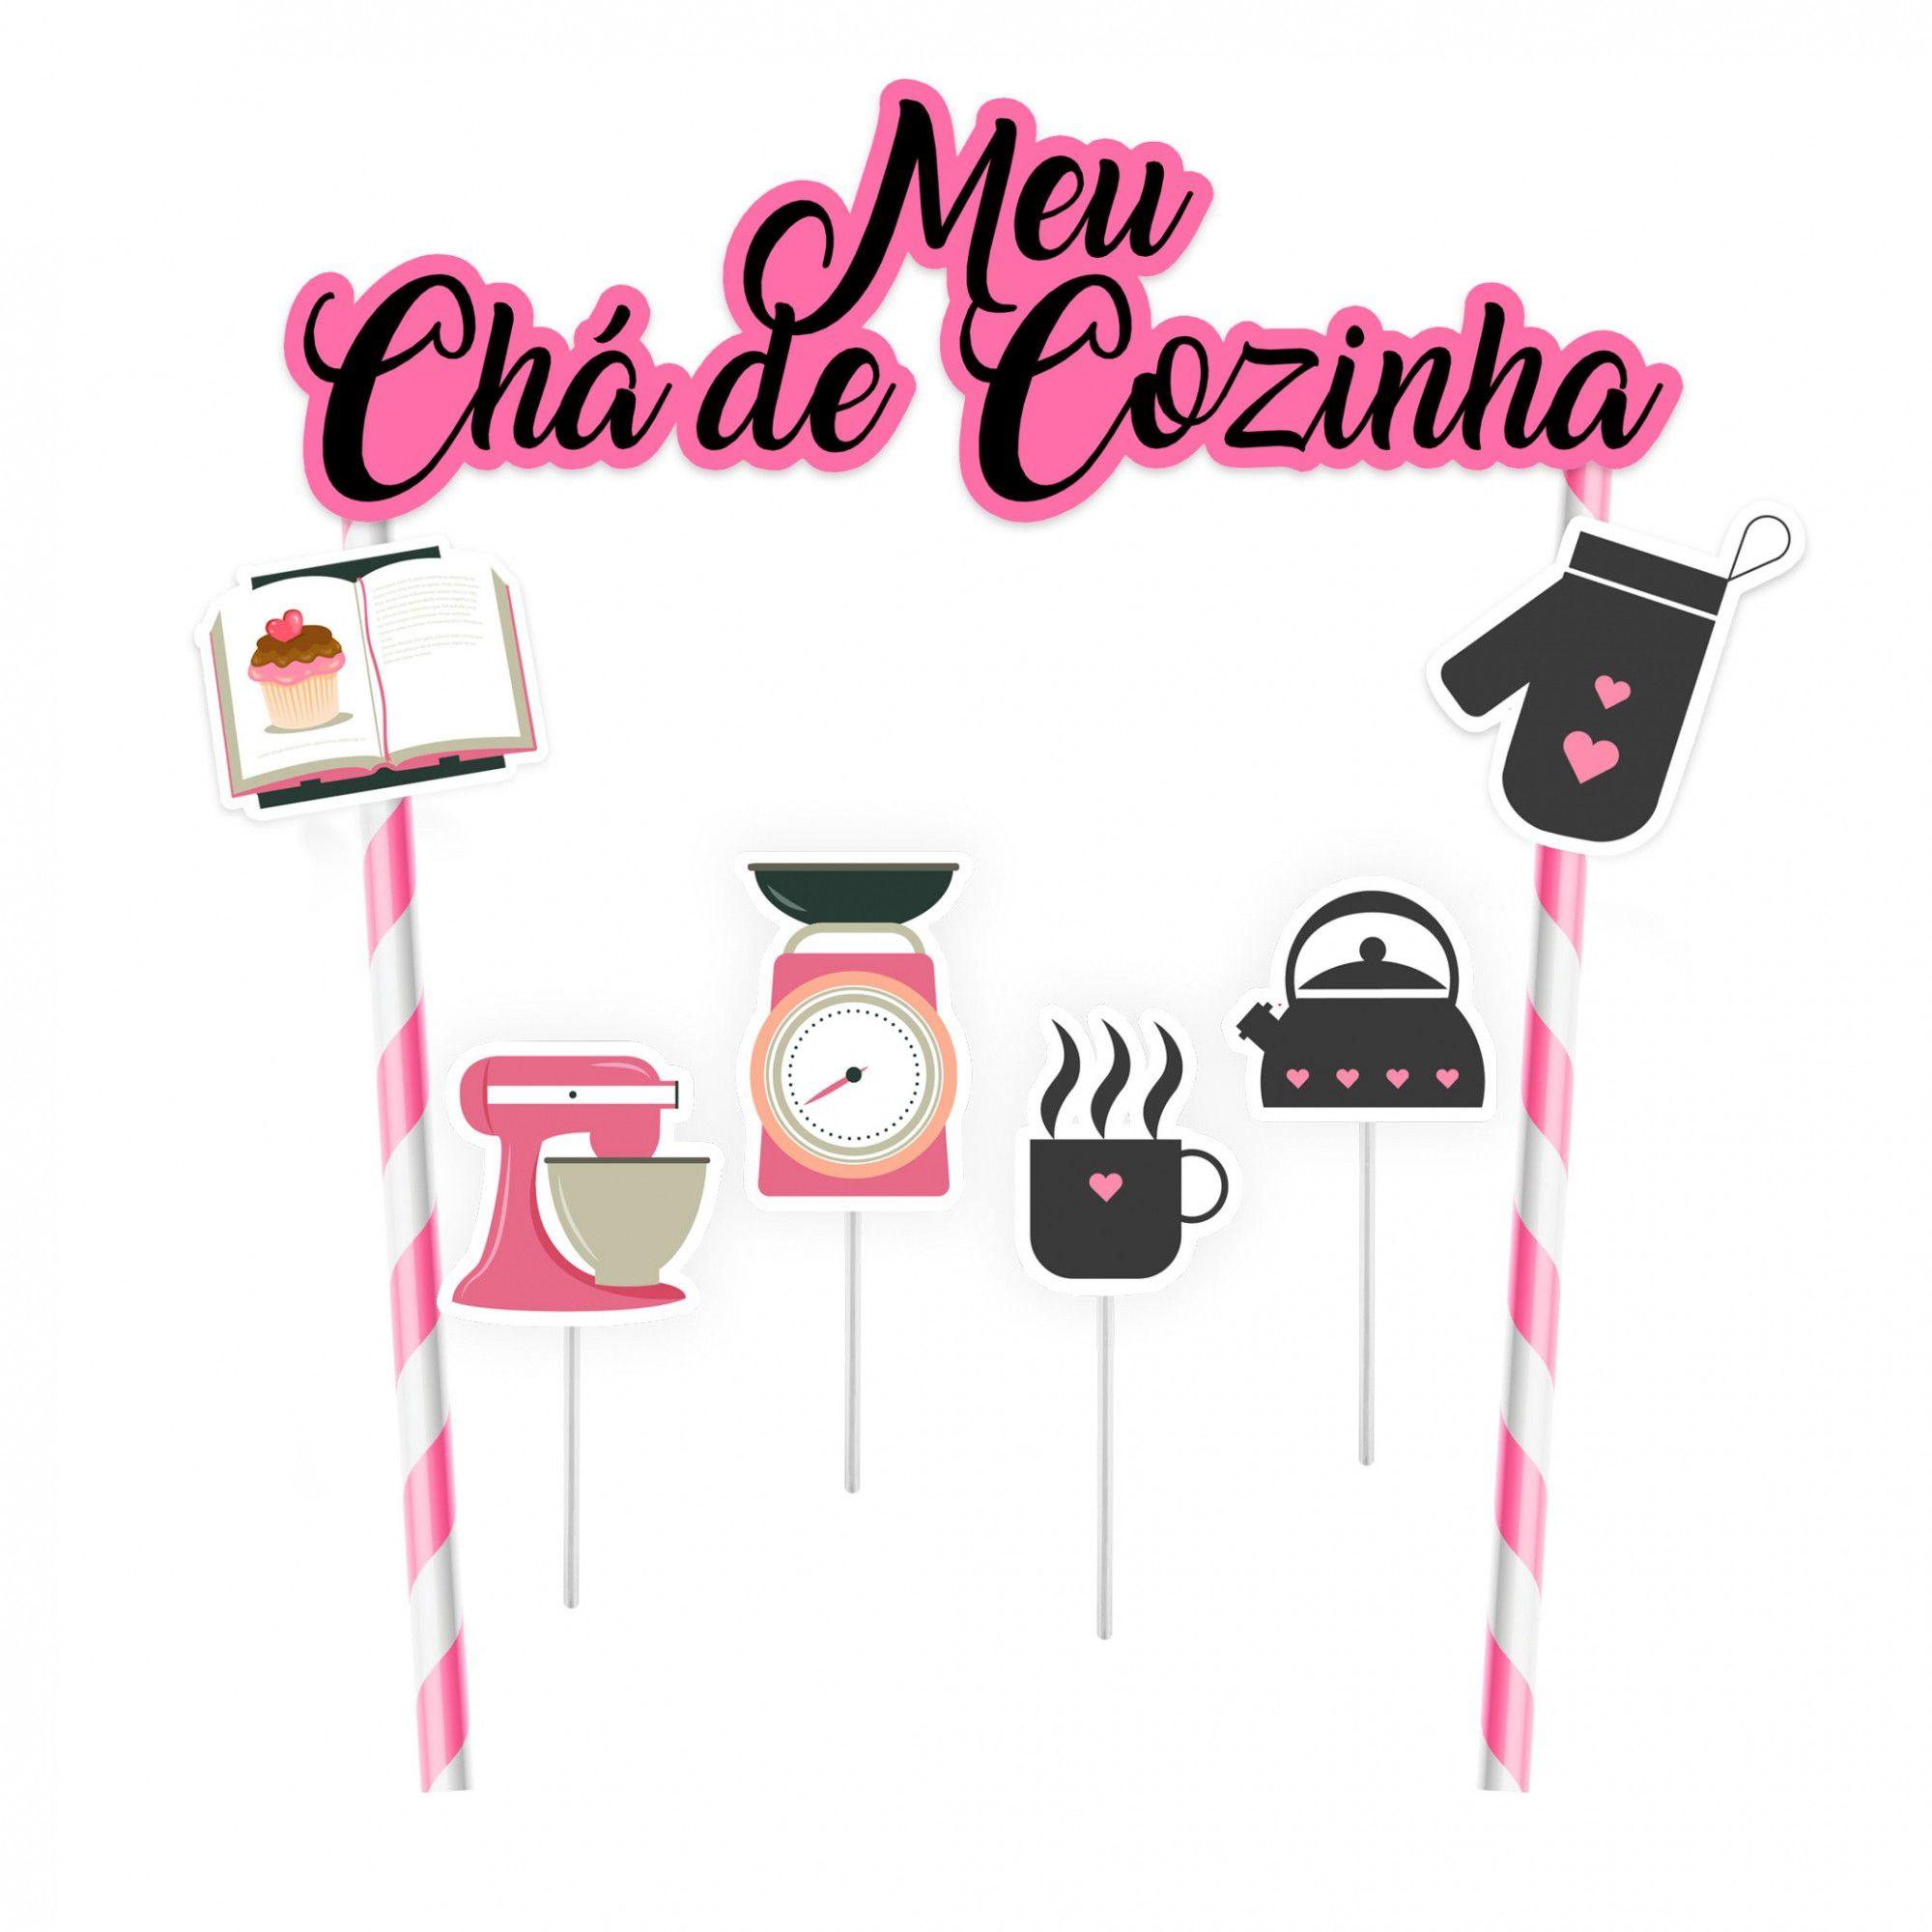 Topper para Bolo Chá de Cozinha - 1 unidade  - www.doceriamirabella.com.br